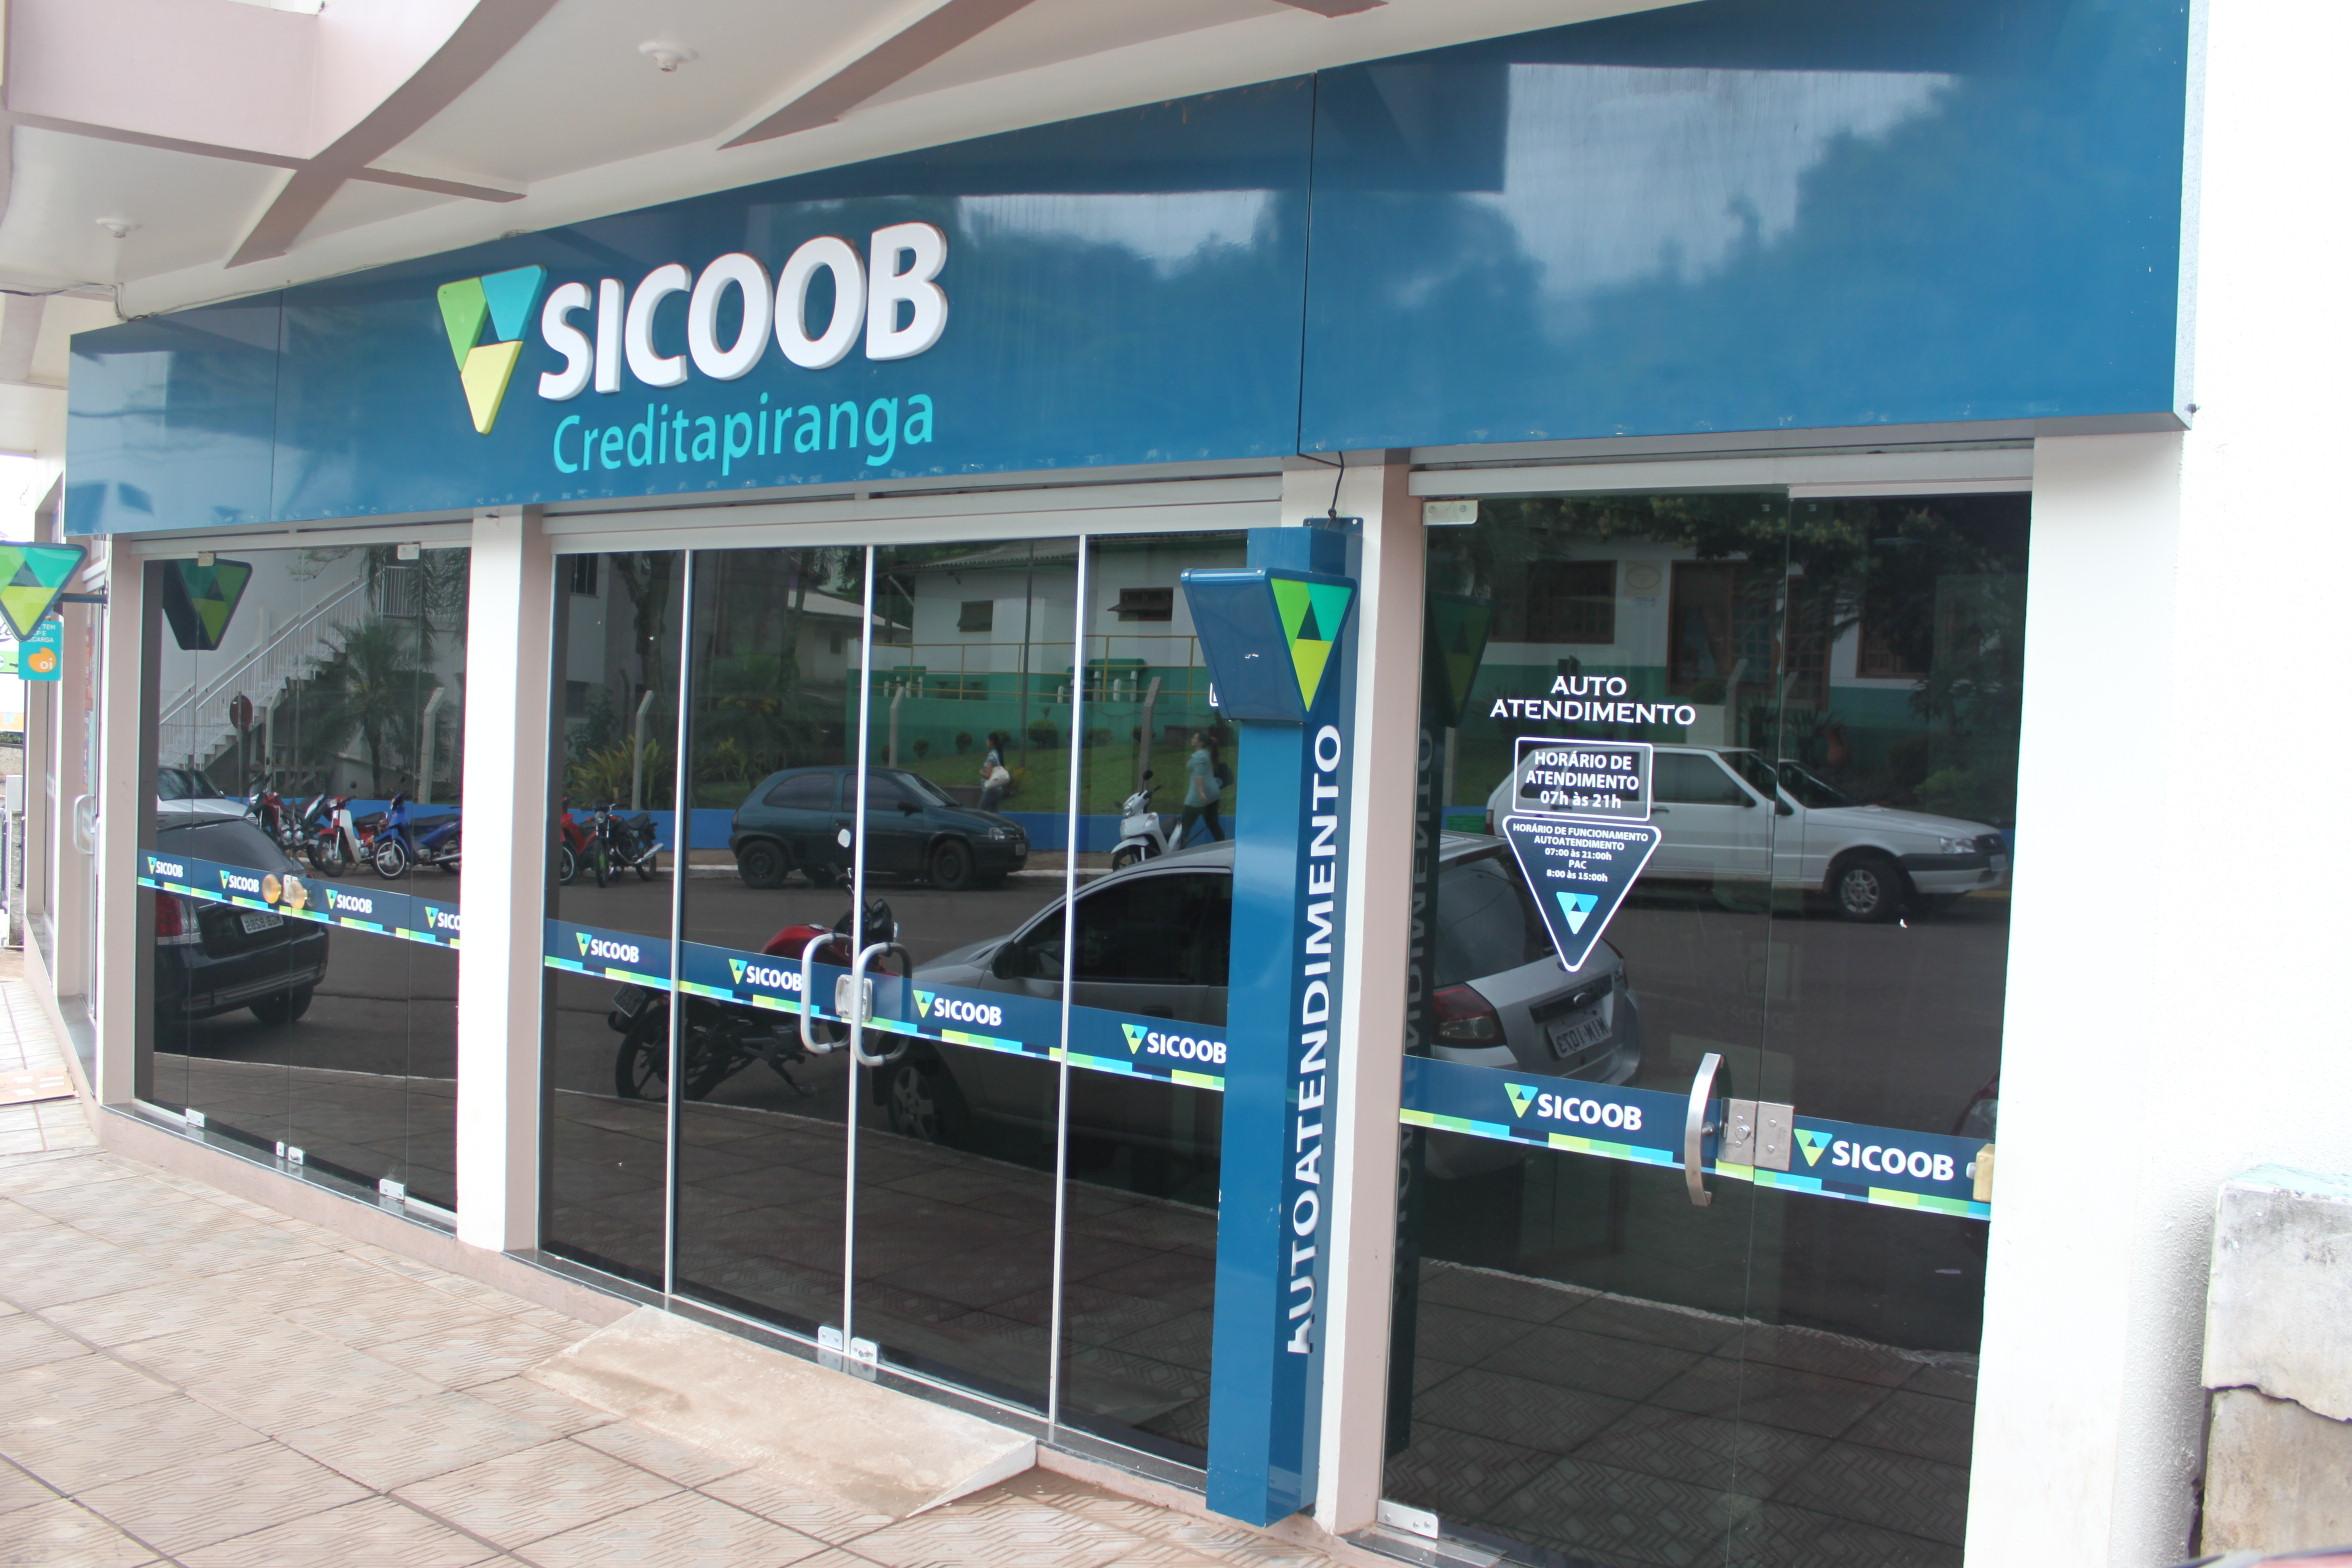 Foto: Divulgação/Sicoob